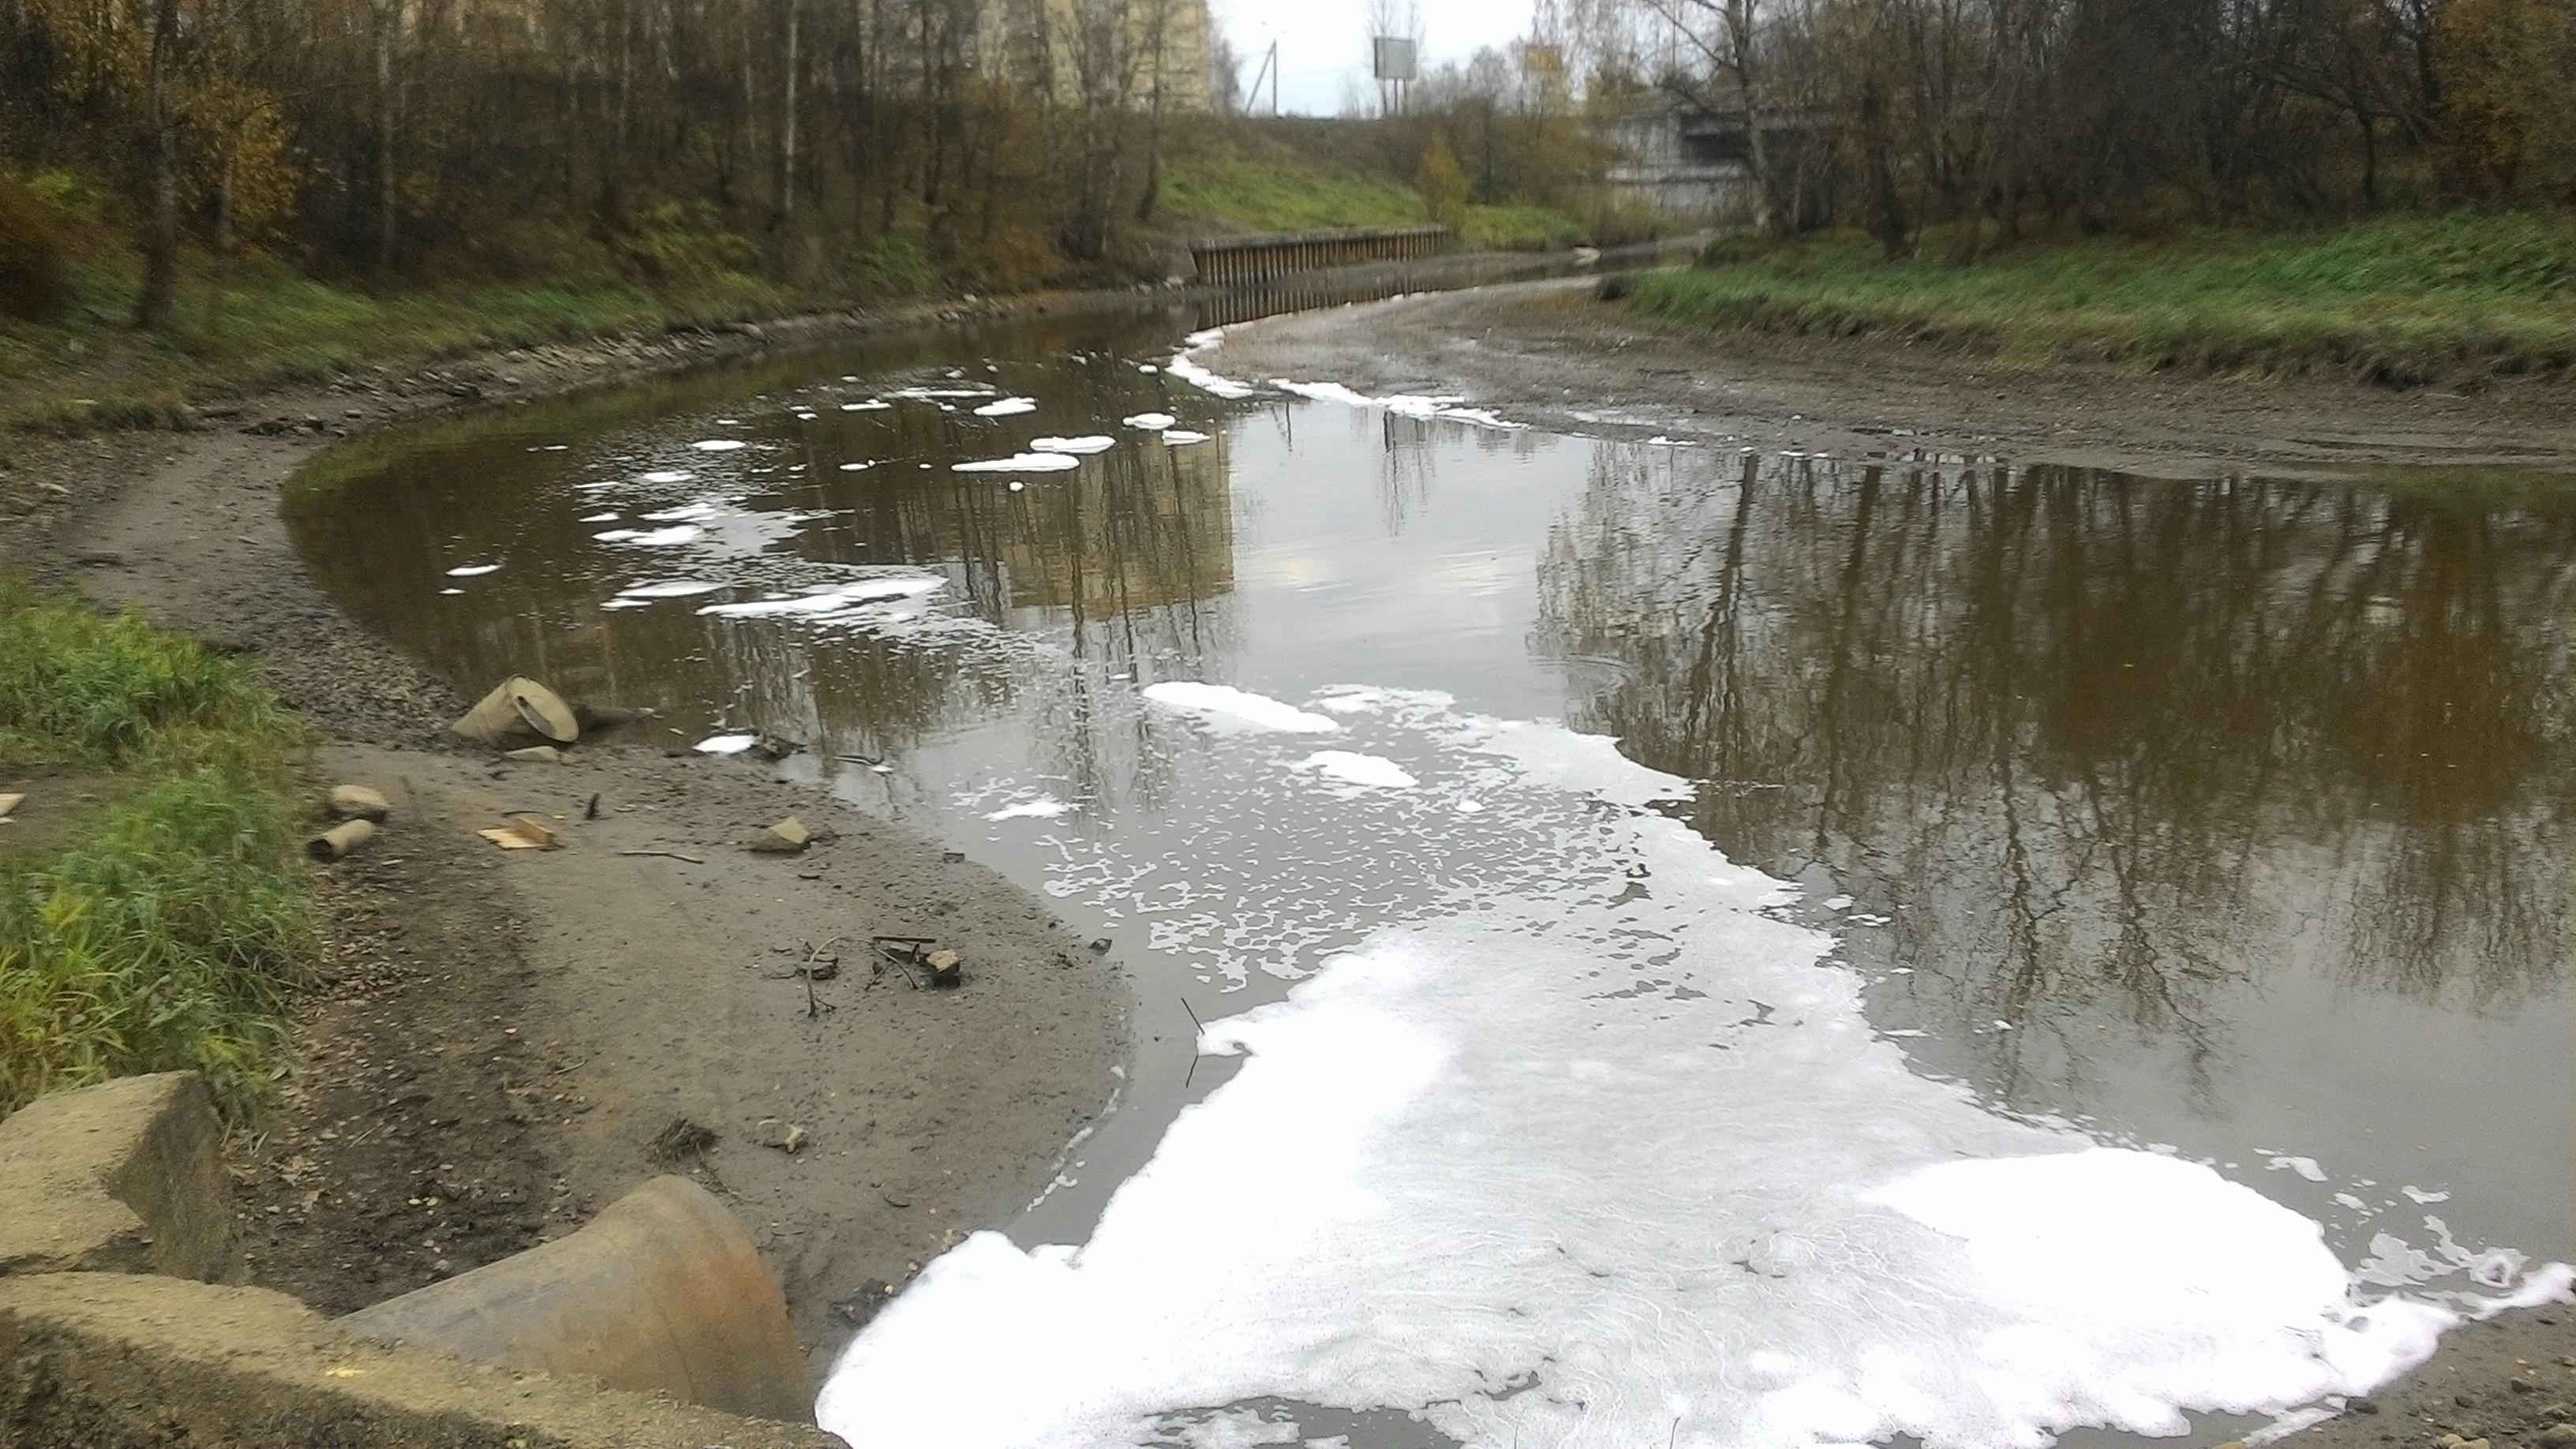 Вреку Славянку спустили мыльную воду